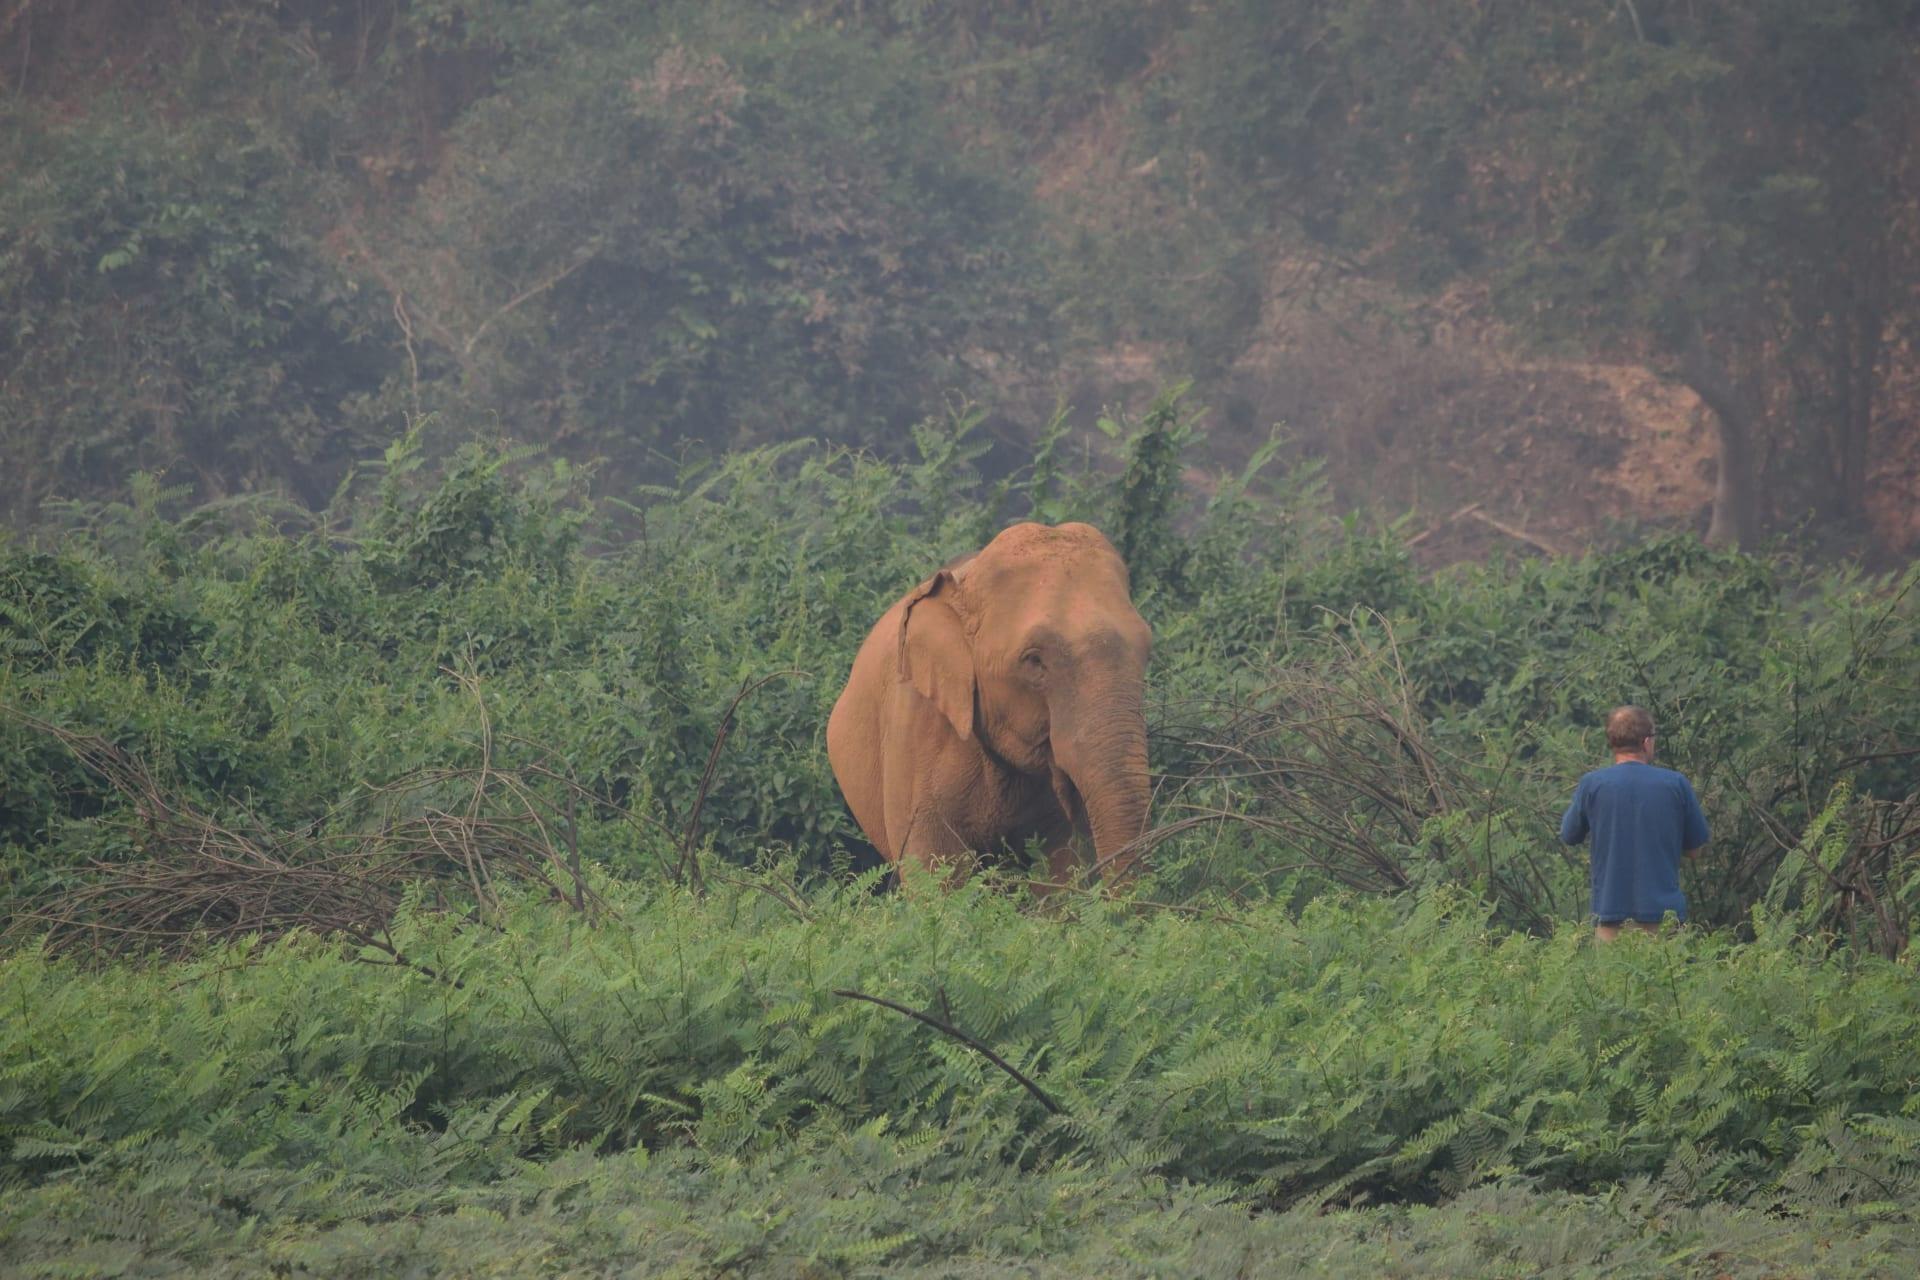 في عصر مكالمات الفيديو.. لم لا تقابل فيلا على بعد آلاف الكيلومترات منك؟